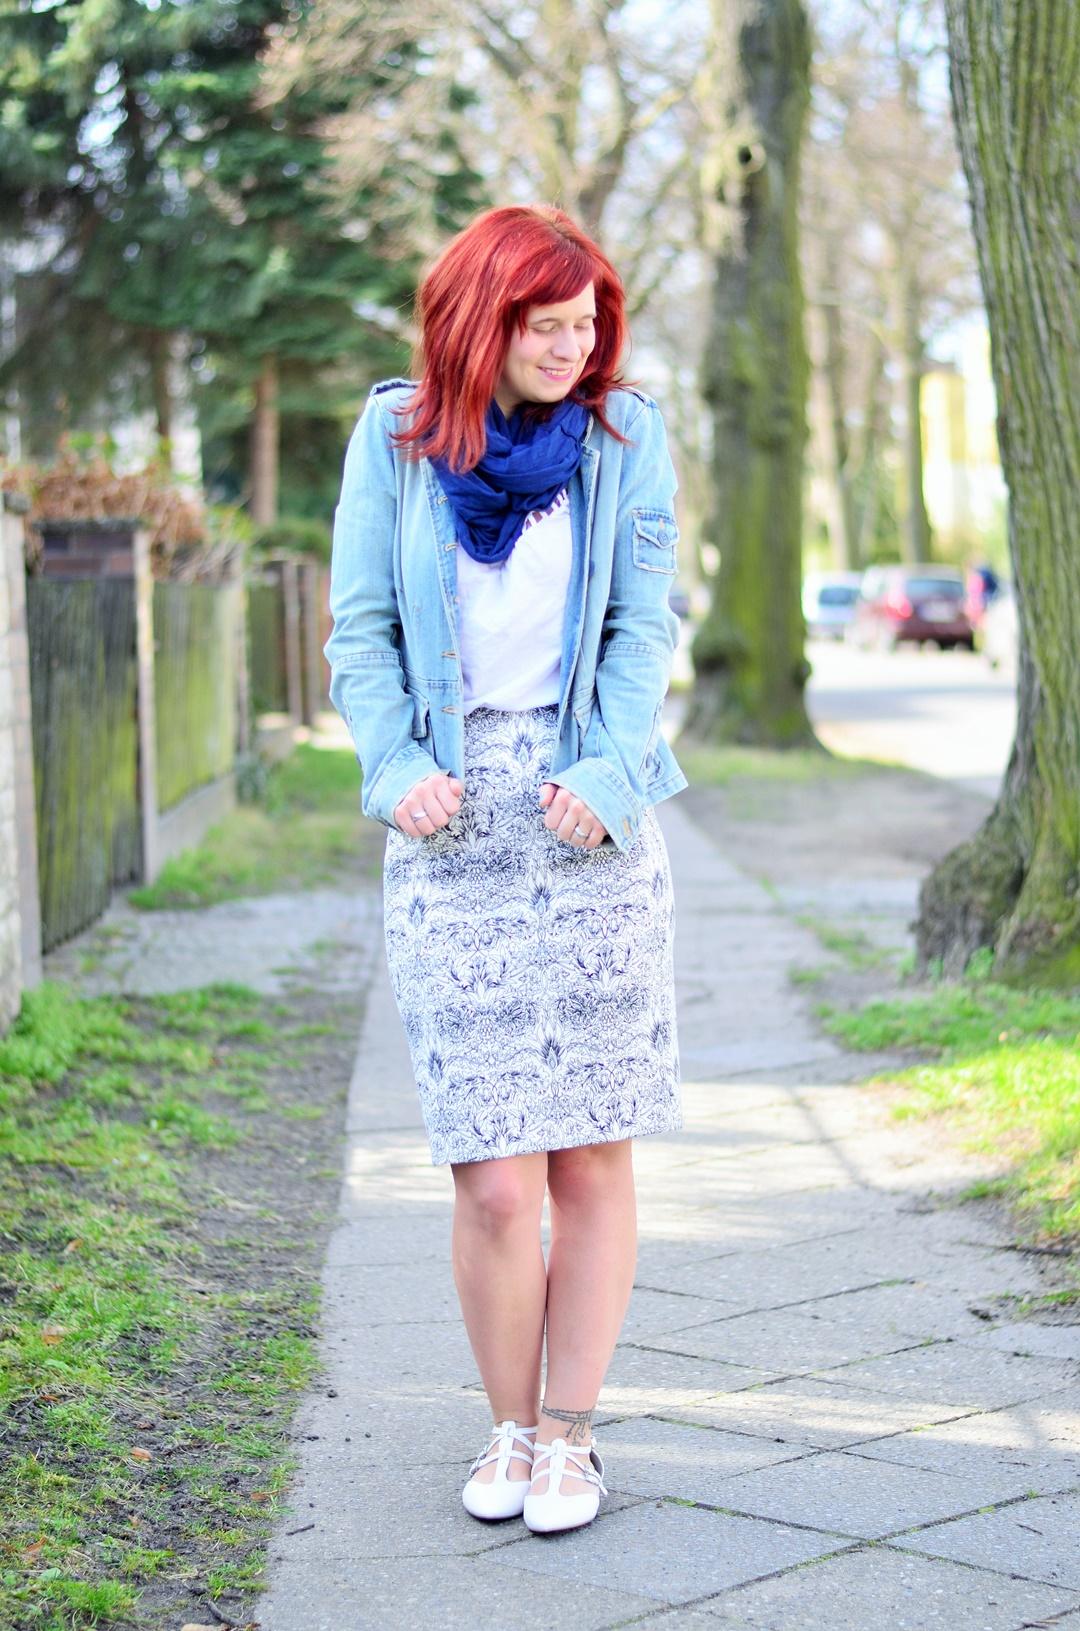 blauer Bleistiftrock_Outfit mit Bleistiftrock_blau weißes Outfit_schickes Outfit mit Rock_Bleistiftrock kombinieren_rothaarige Bloggerin_Annanikabu_1 (2)